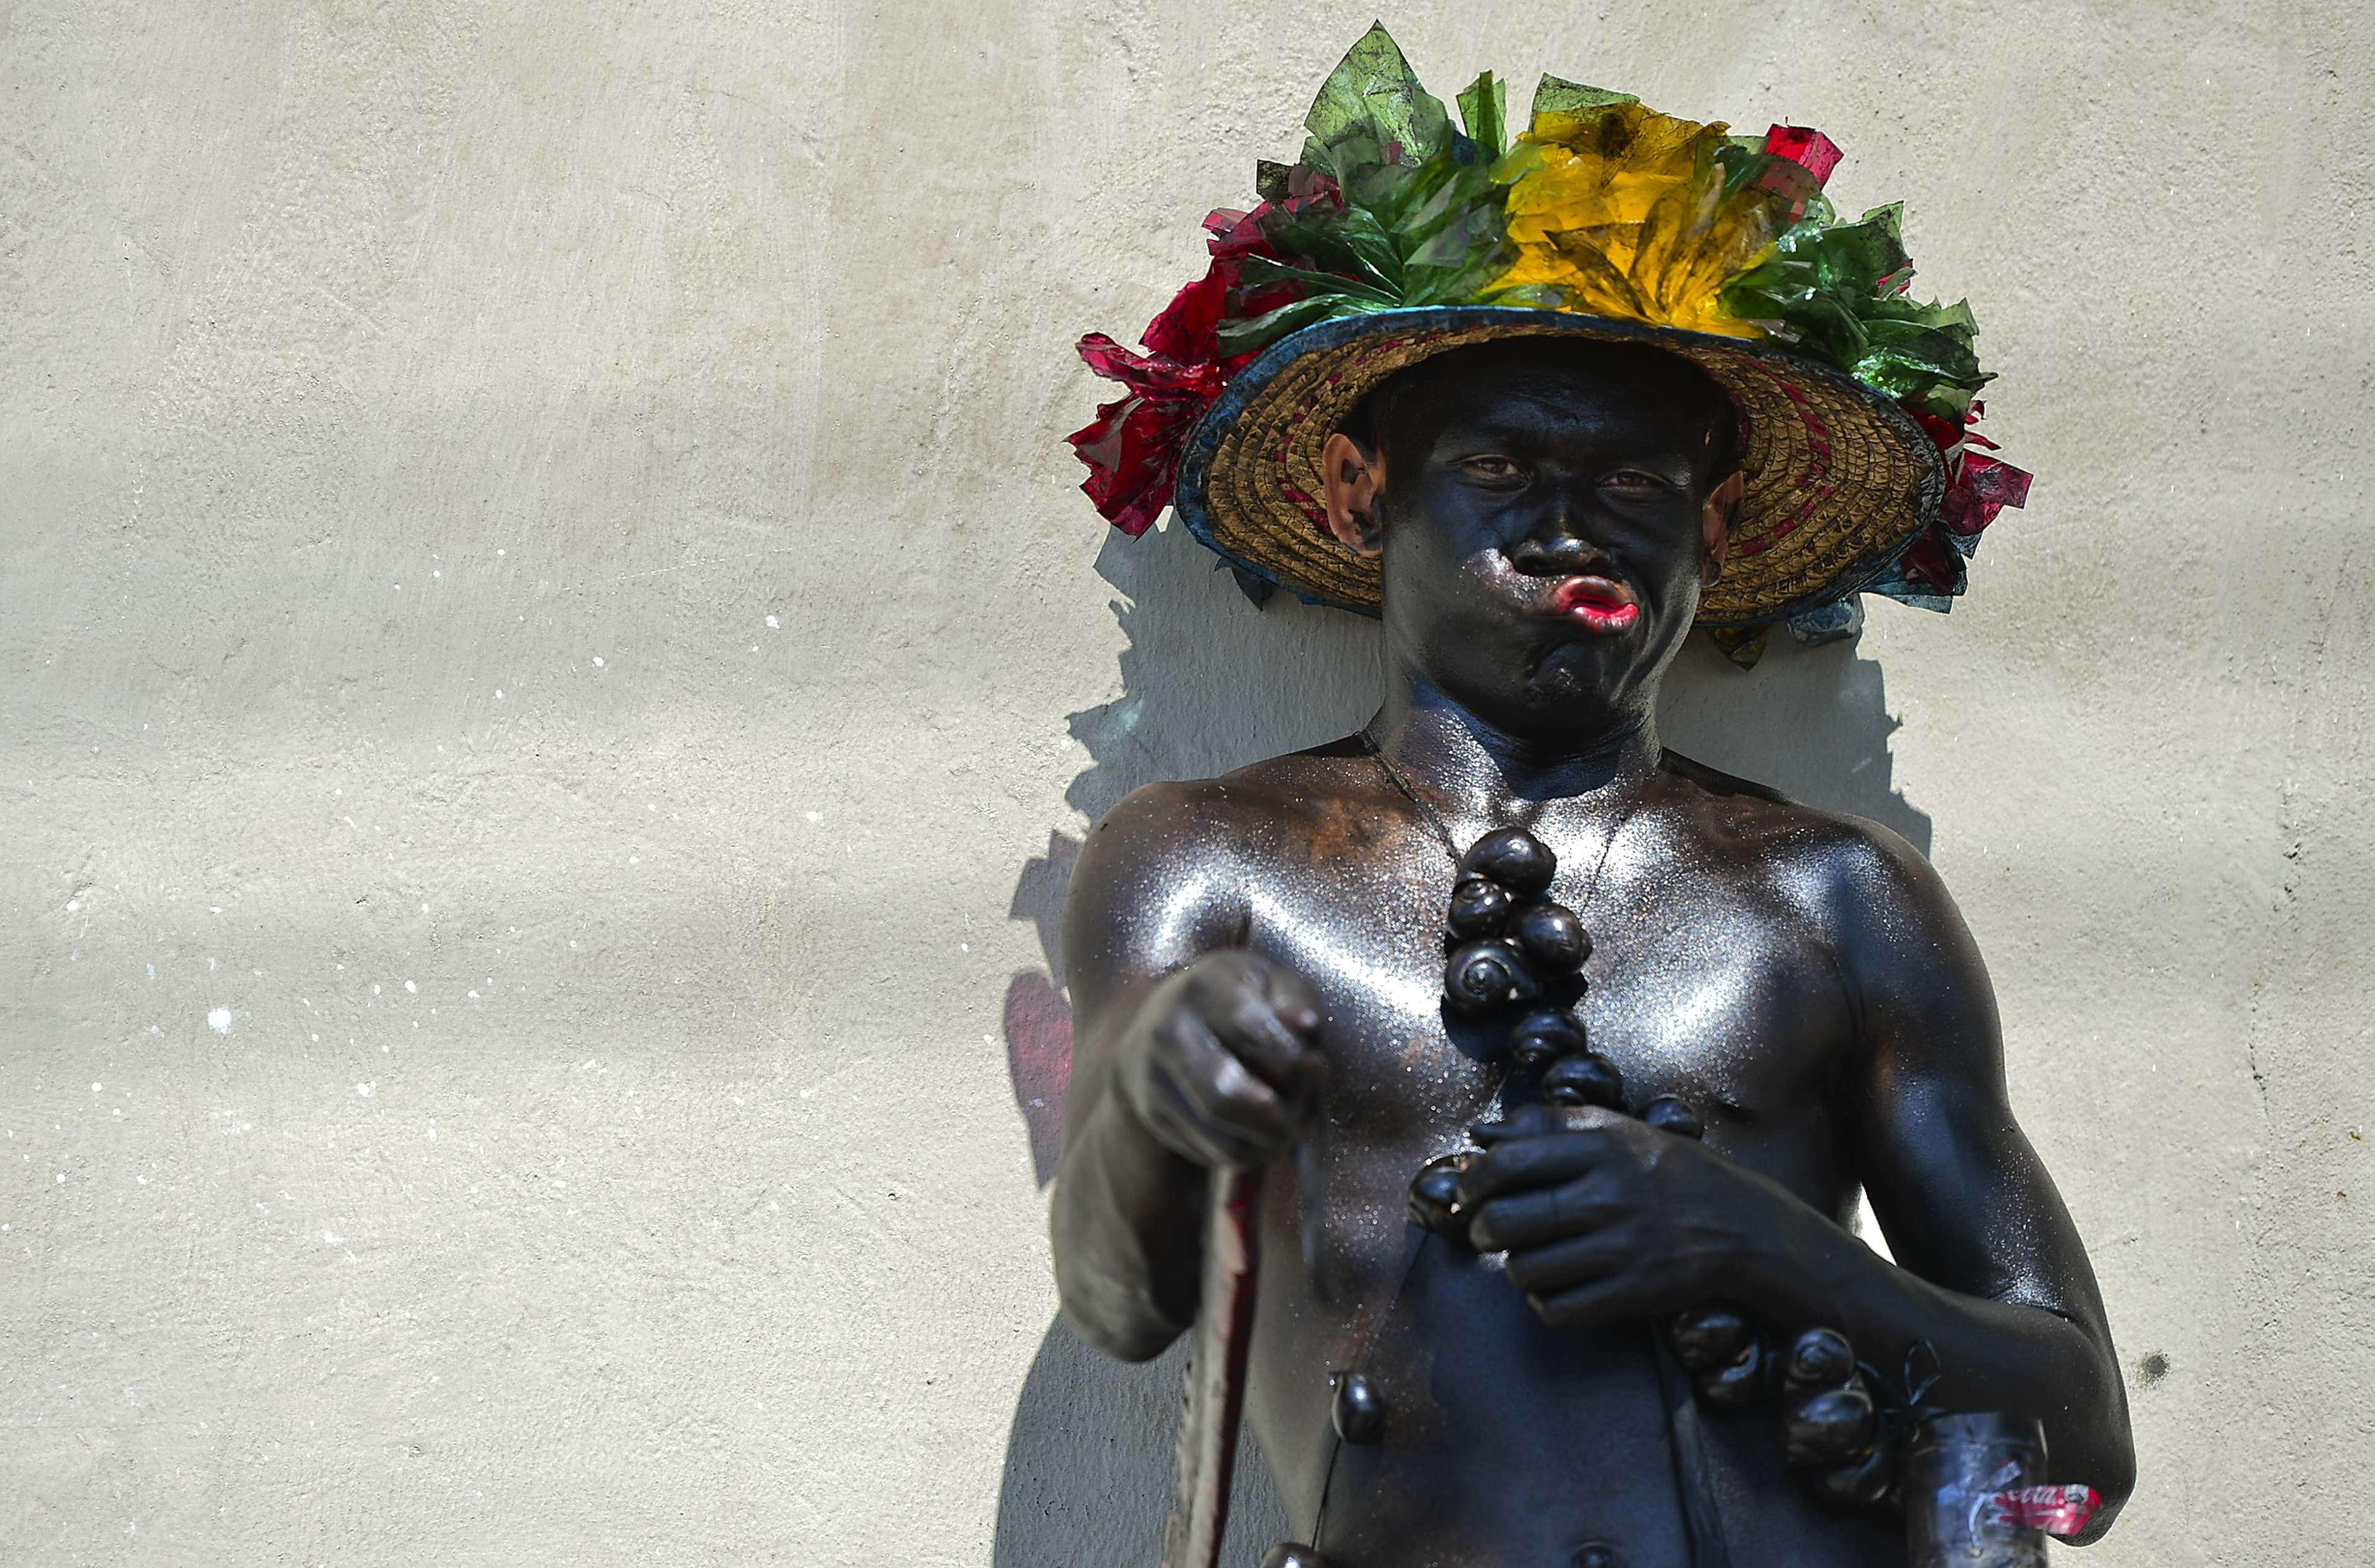 La Gran Parada del Carnaval de Barranquilla impone tradición